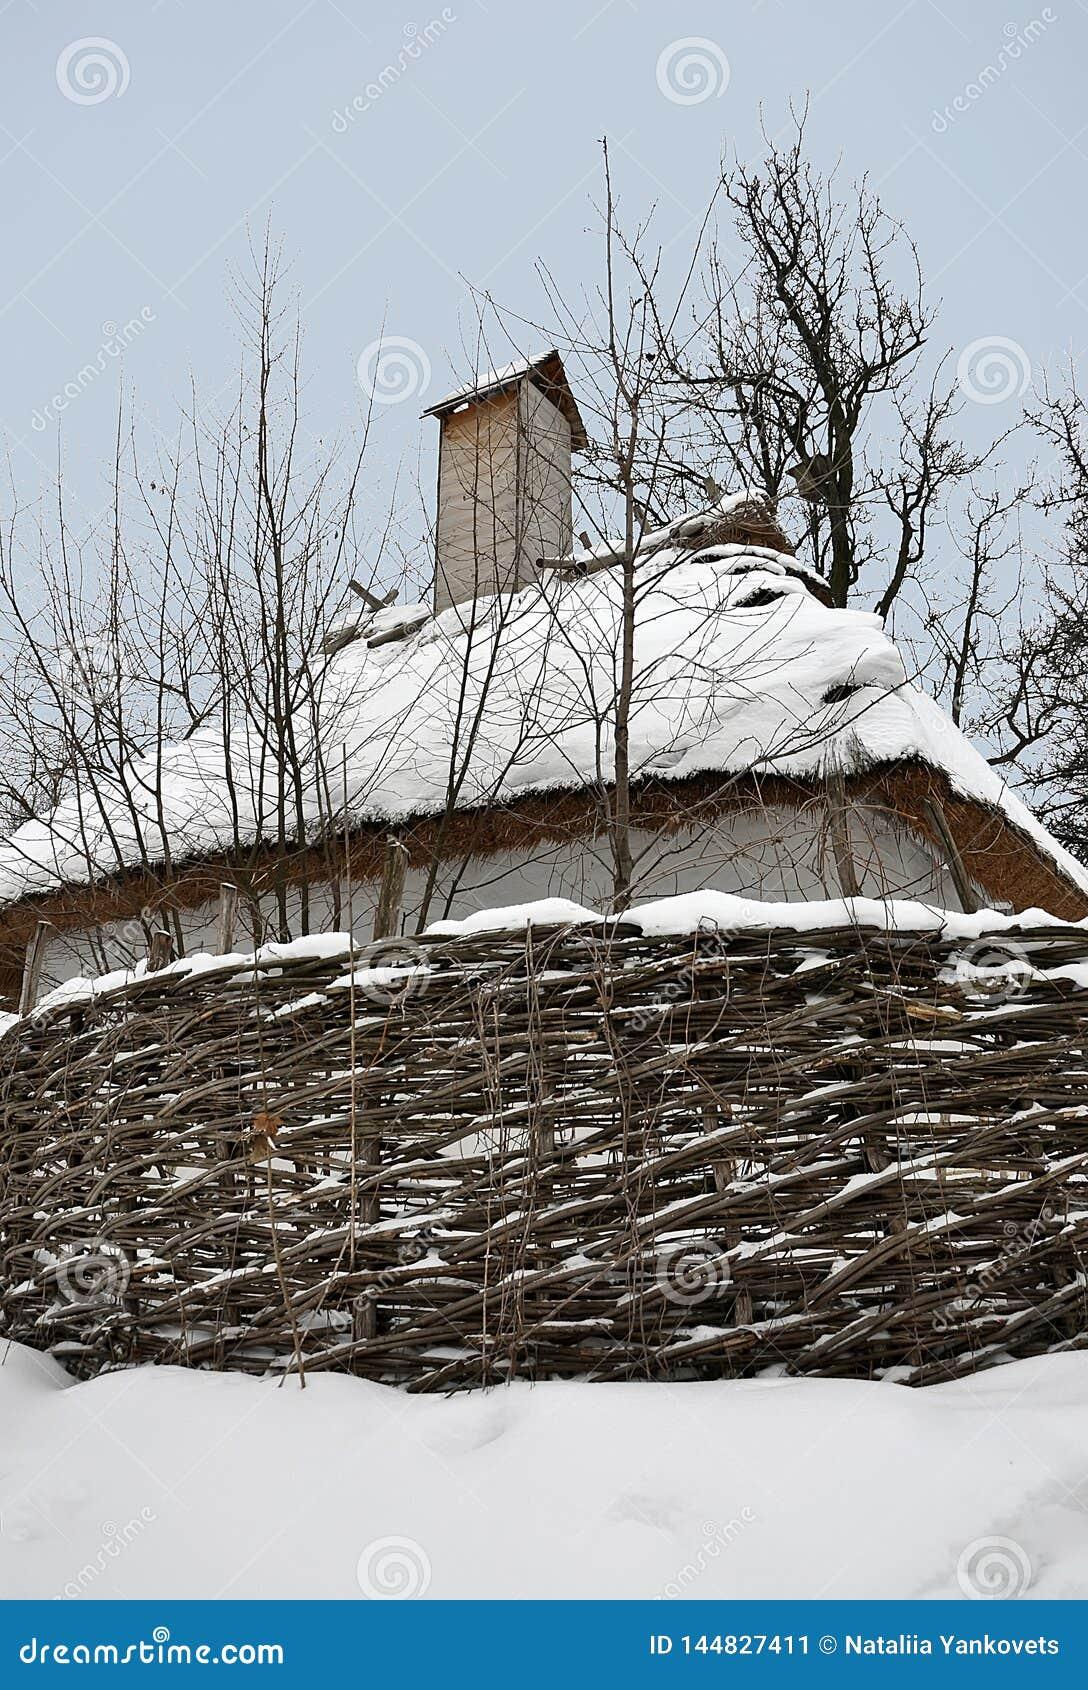 老木房子在用雪和柴堆立场盖的一个茅屋顶下在老树附近